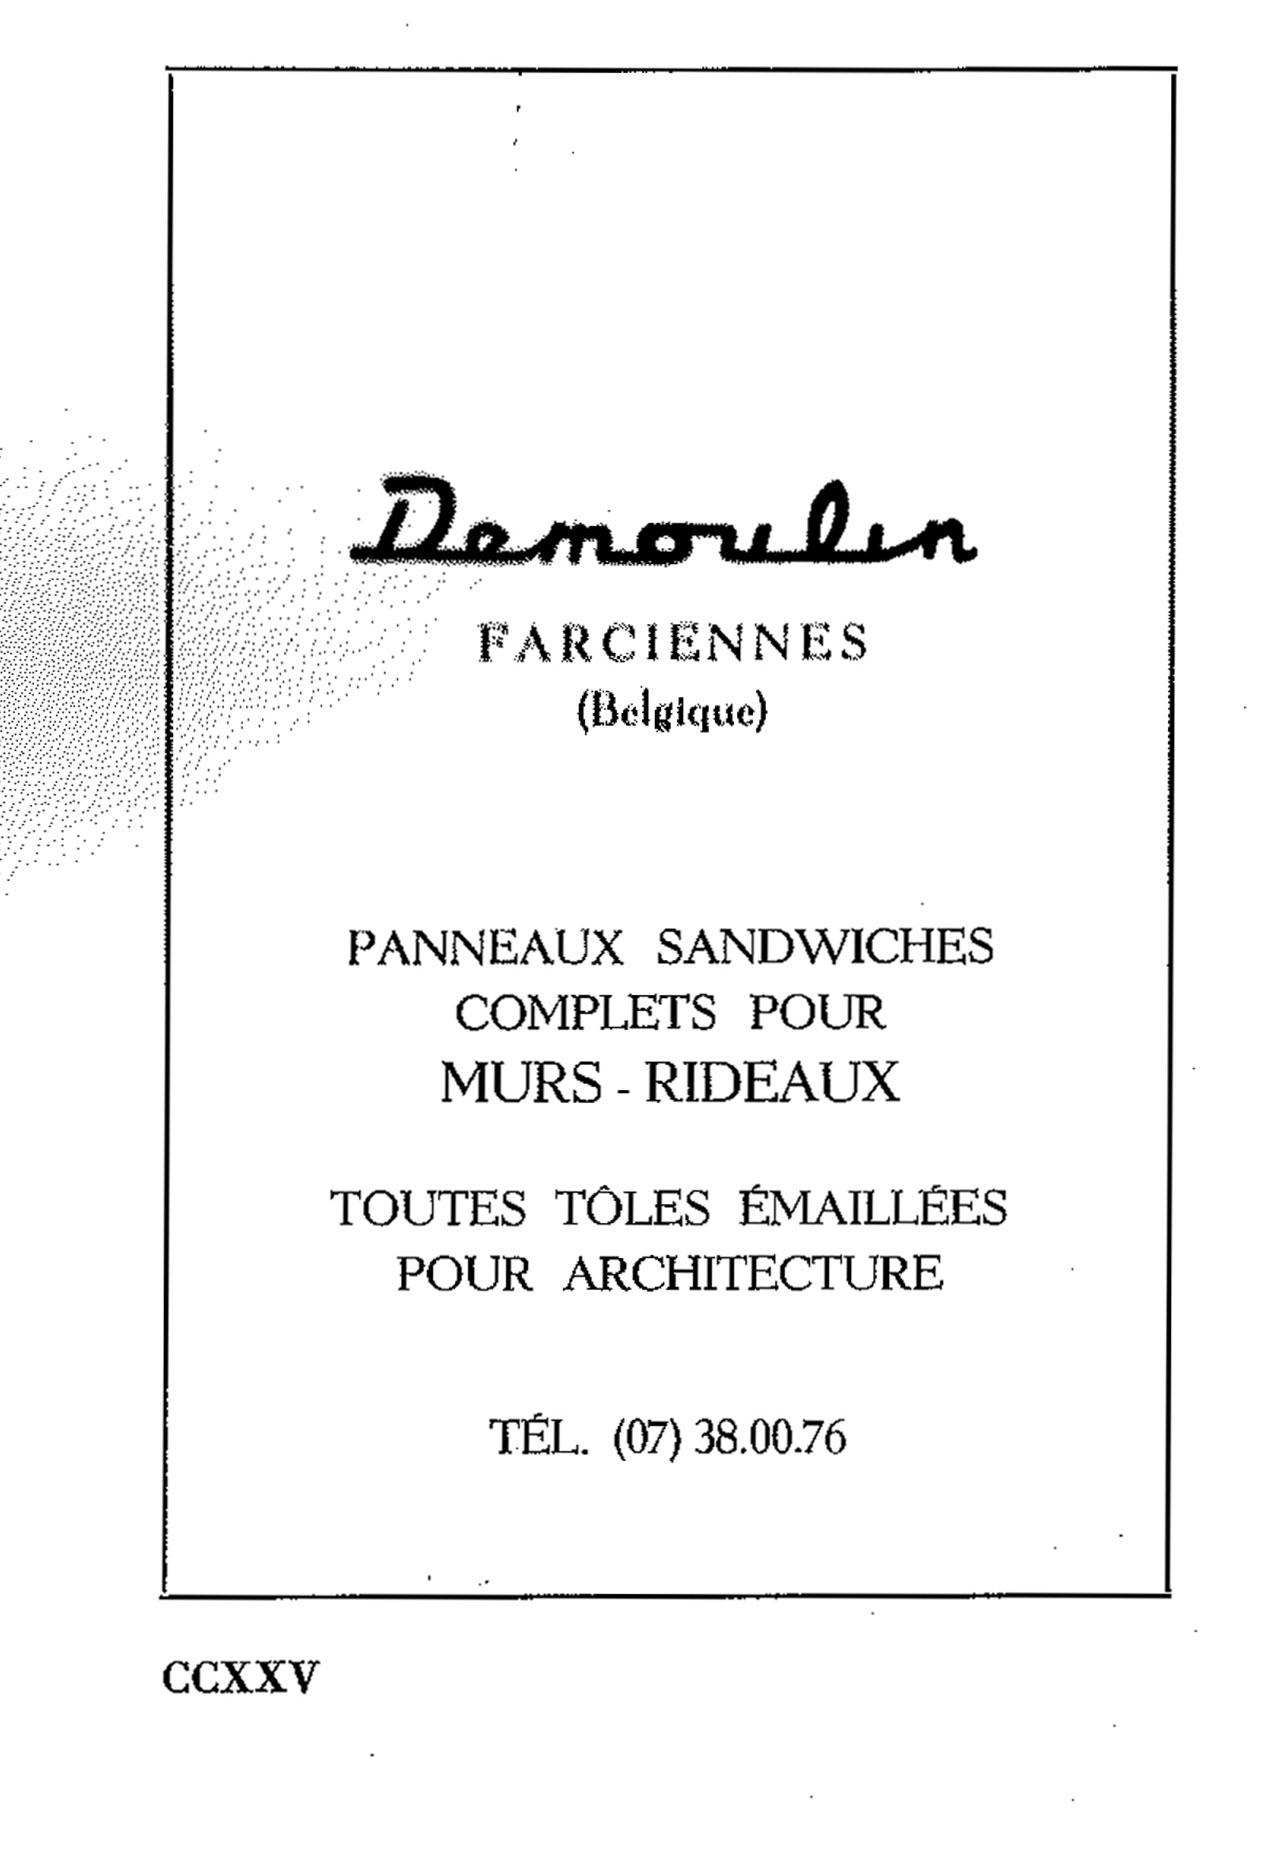 Panneaux Sandwich Pour Murs-Rideaux